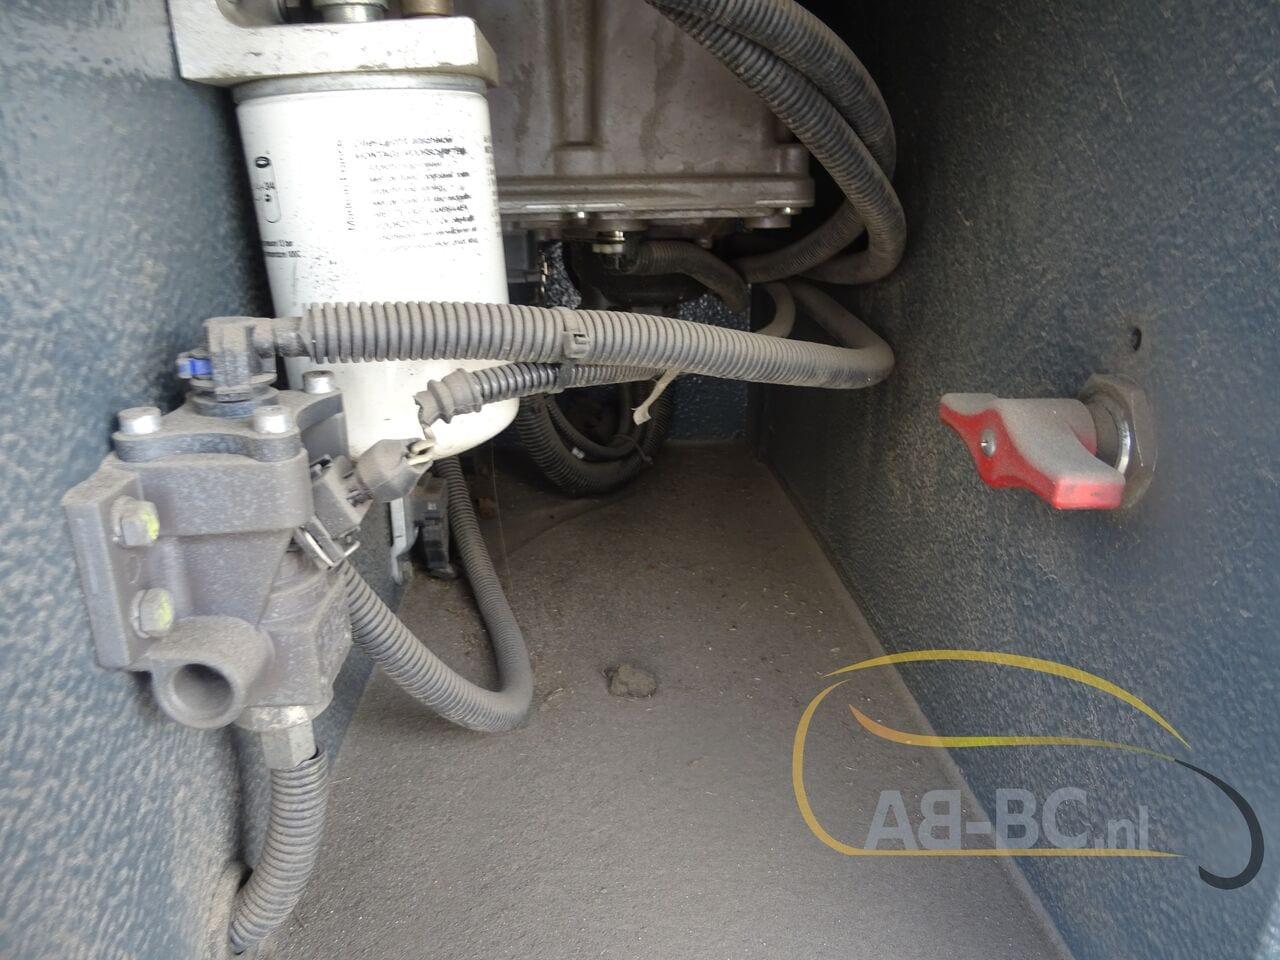 coach-busTEMSA-Safari-RD-DAF-Motor-53-Seats-Euro-5---1623932721848370552_big_41ef0d8fdb1aa0c7e125f72cabf5b1df--21061715155620919600